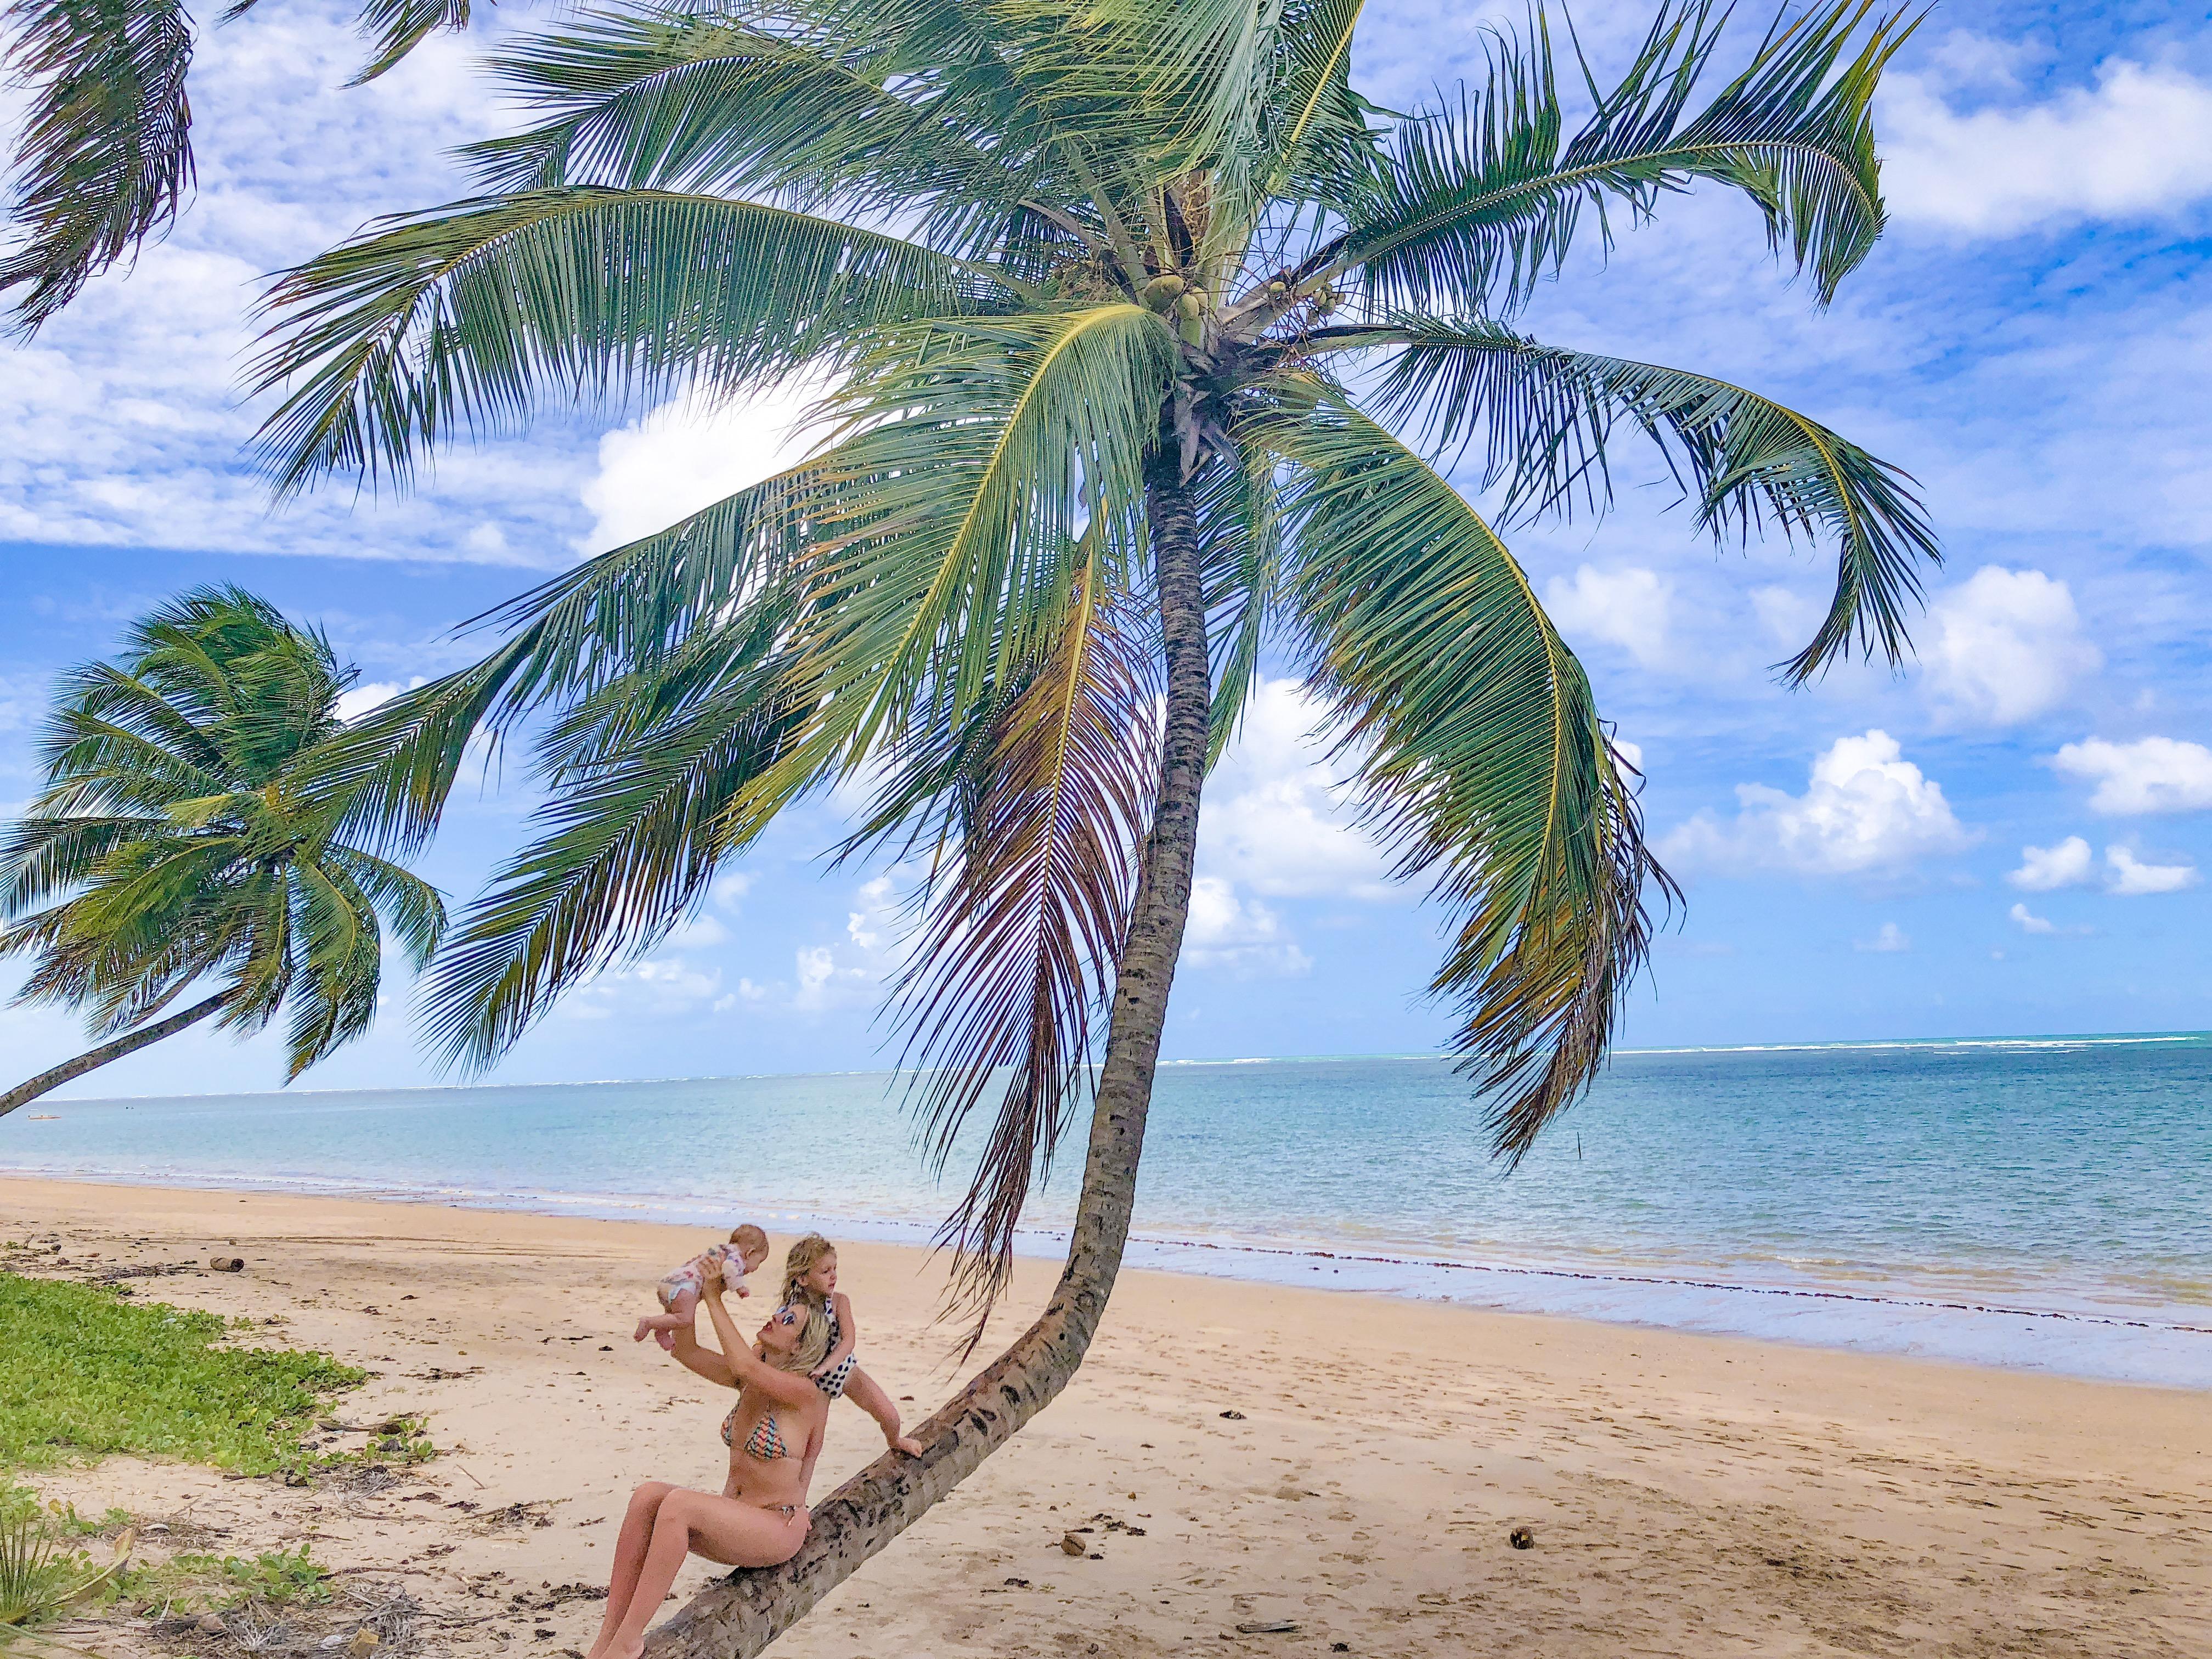 praia do patacho - sao Miguel dos milagres